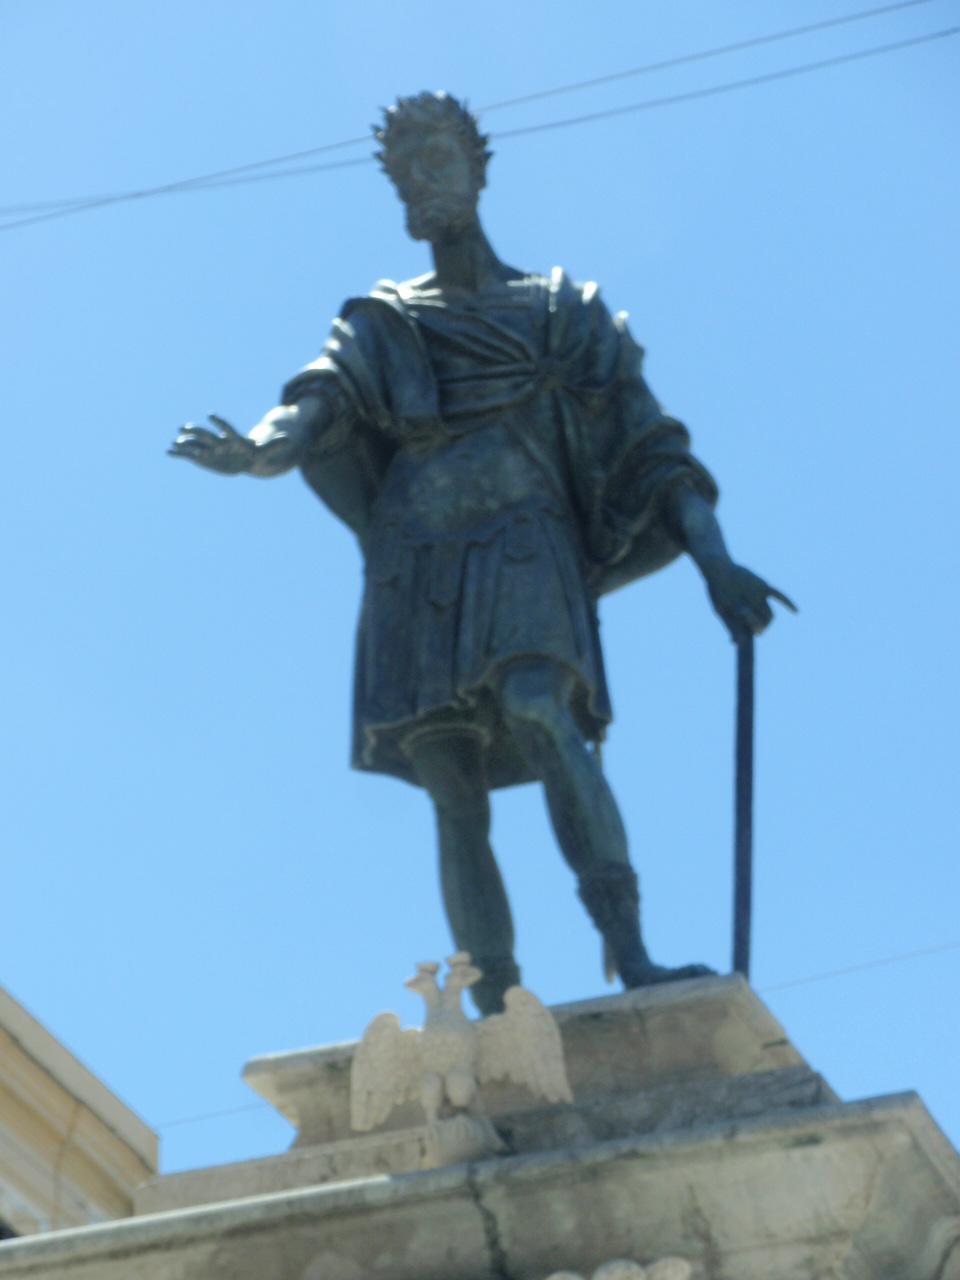 Viaje Histórico-numismático a la ciudad de Palermo en Sicilia Palermo_219